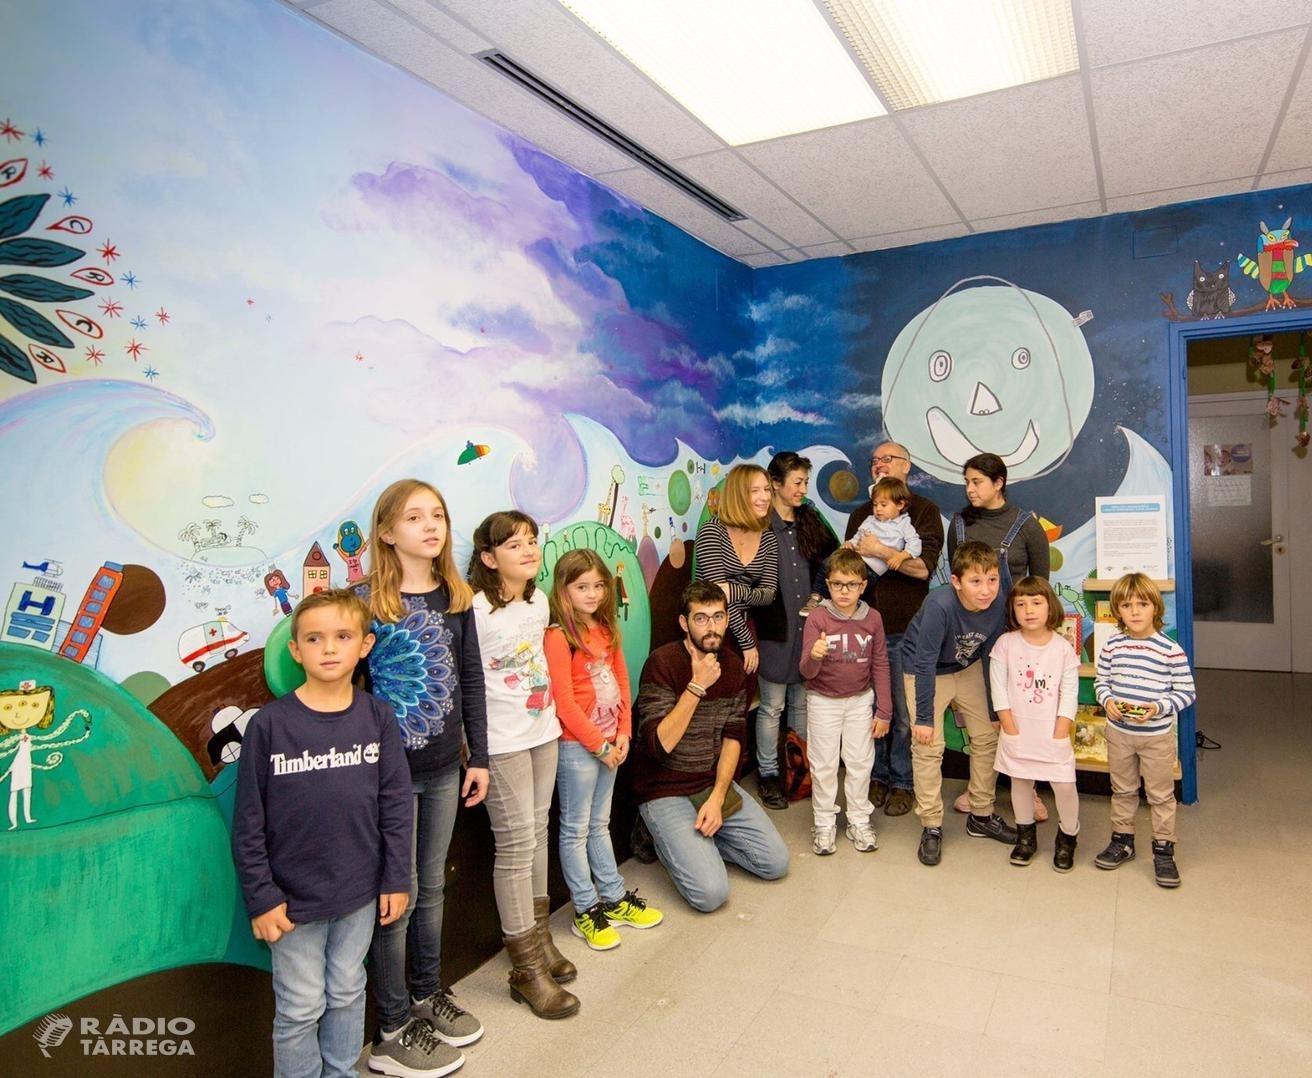 La 8a Fira del Playmobil de Tàrrega donarà el 10% de les entrades a pediatria del CAP de Tàrrega